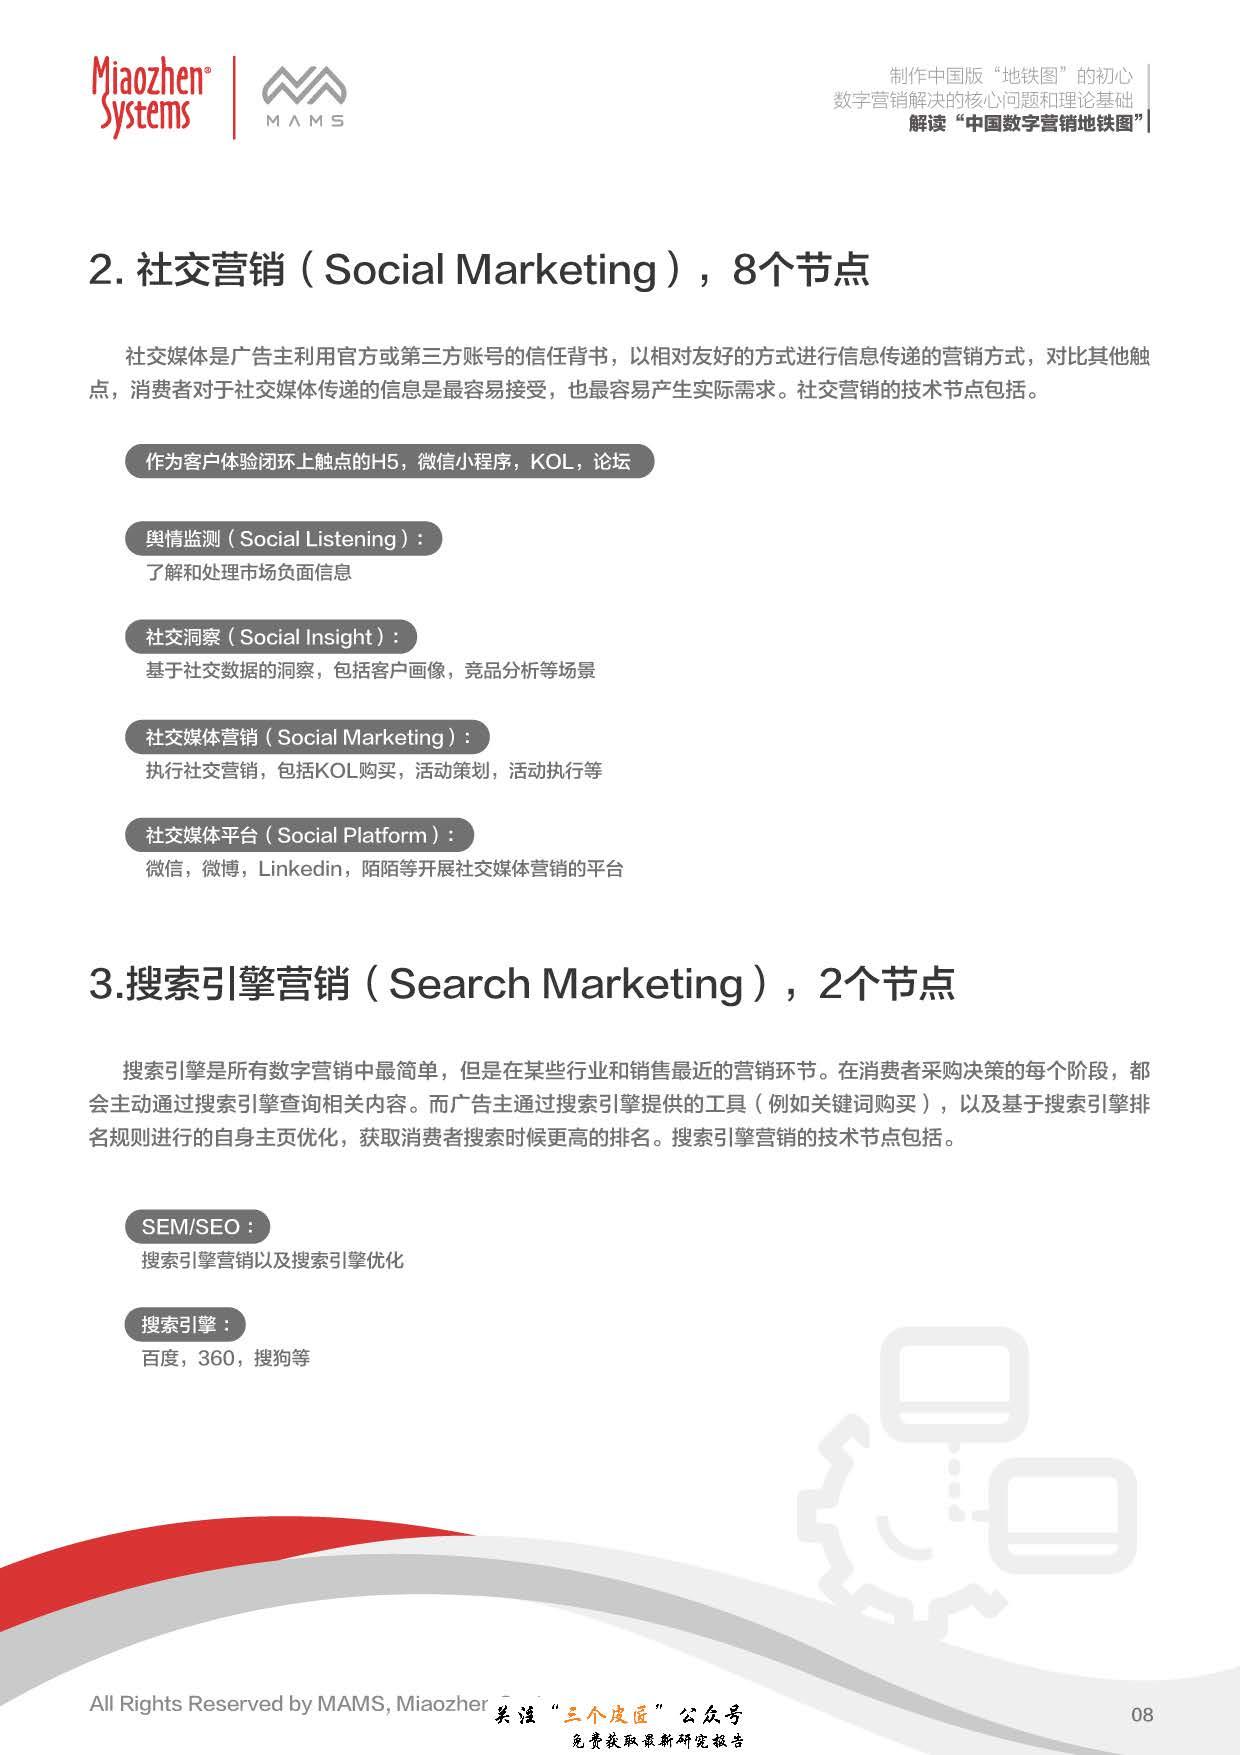 秒针:解读中国数字营销地铁图(28页)_页面_09.jpg